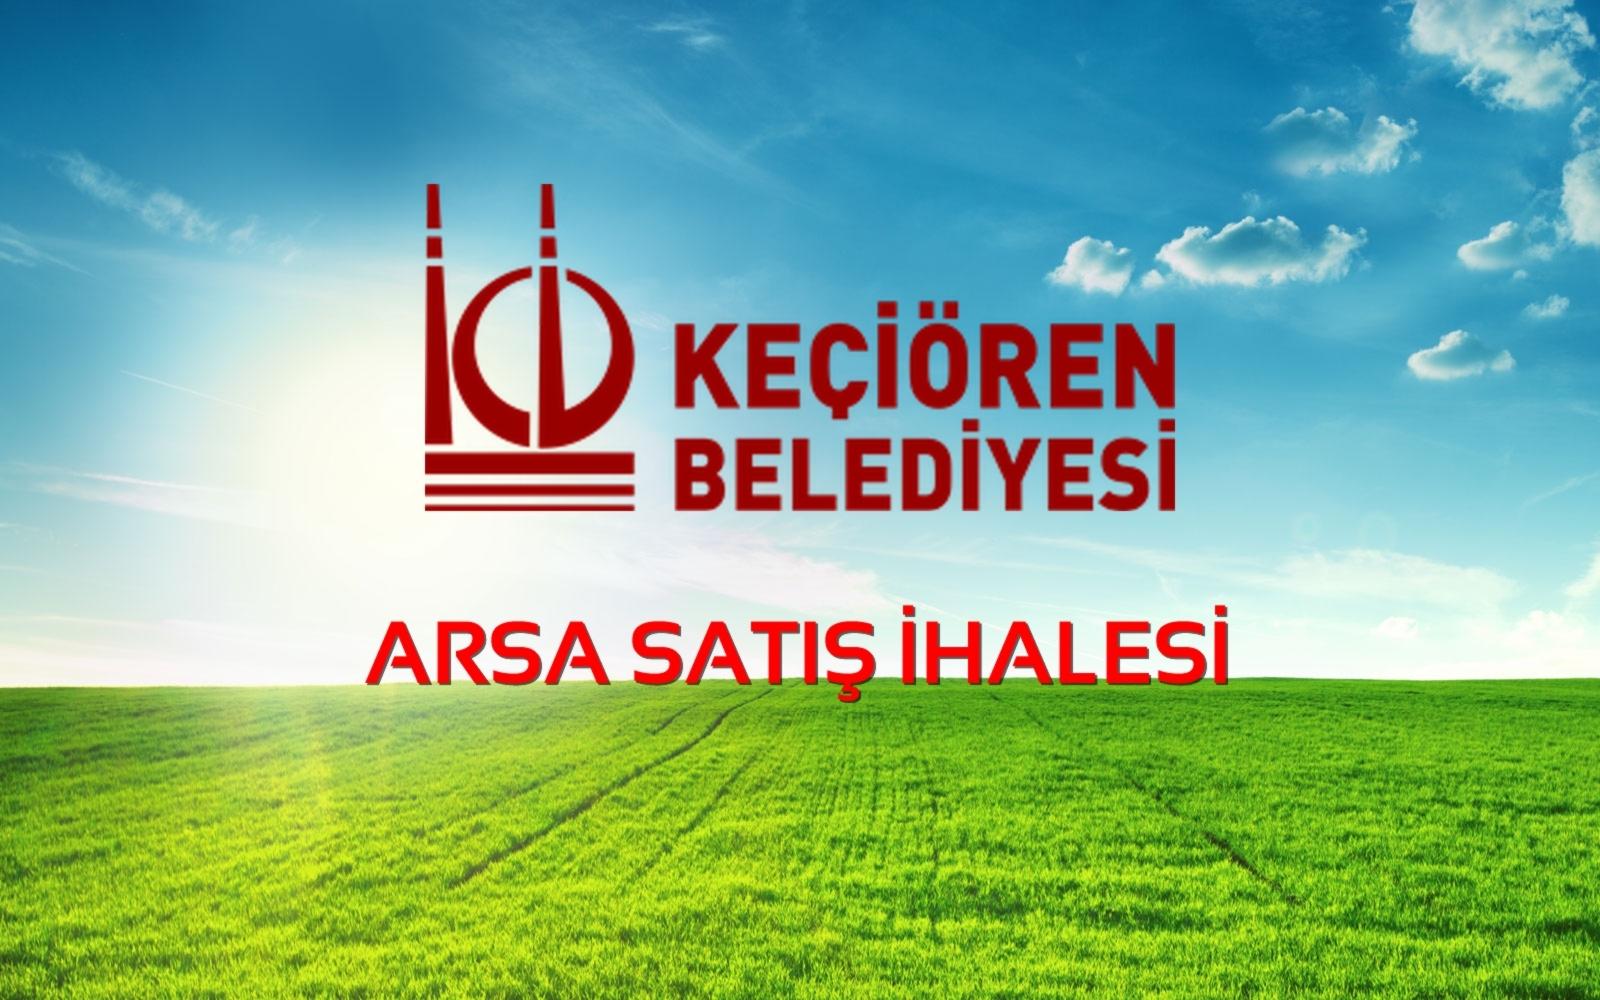 Keçiören Belediyesi Arsa Satış İhalesi… (02/01/2020)